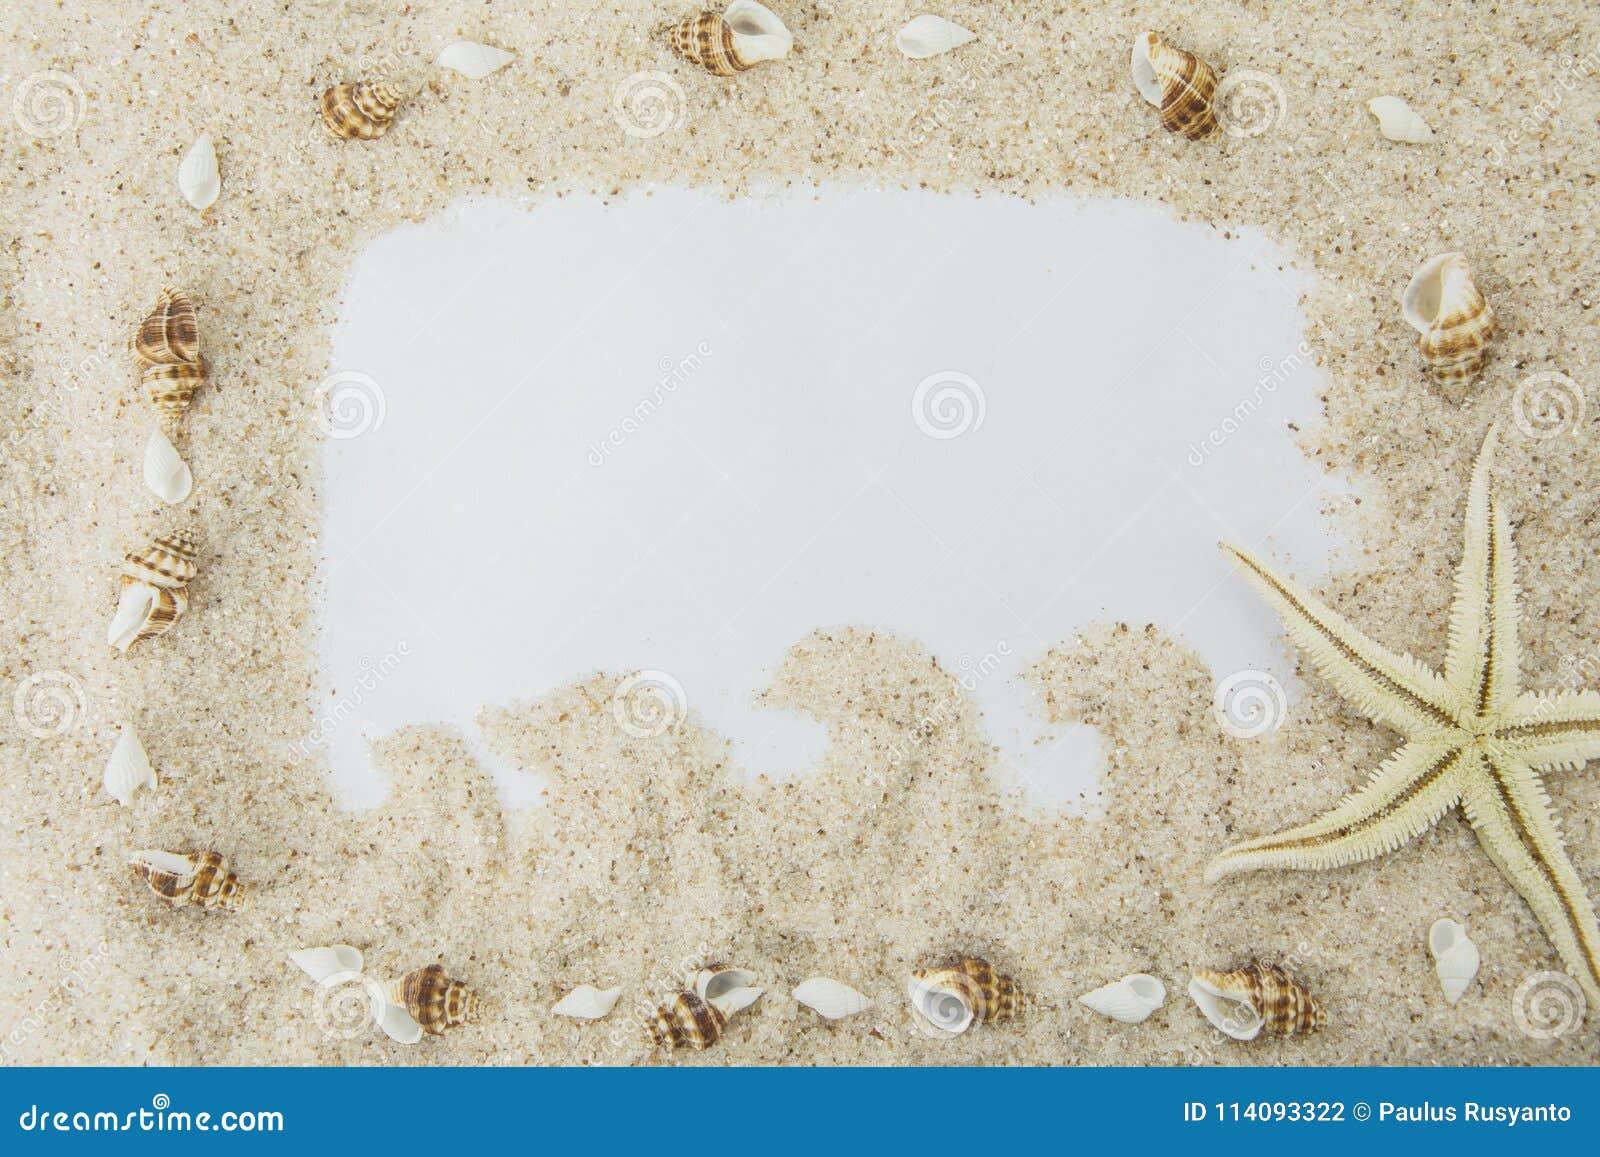 Cadre vide du sable blanc de plage